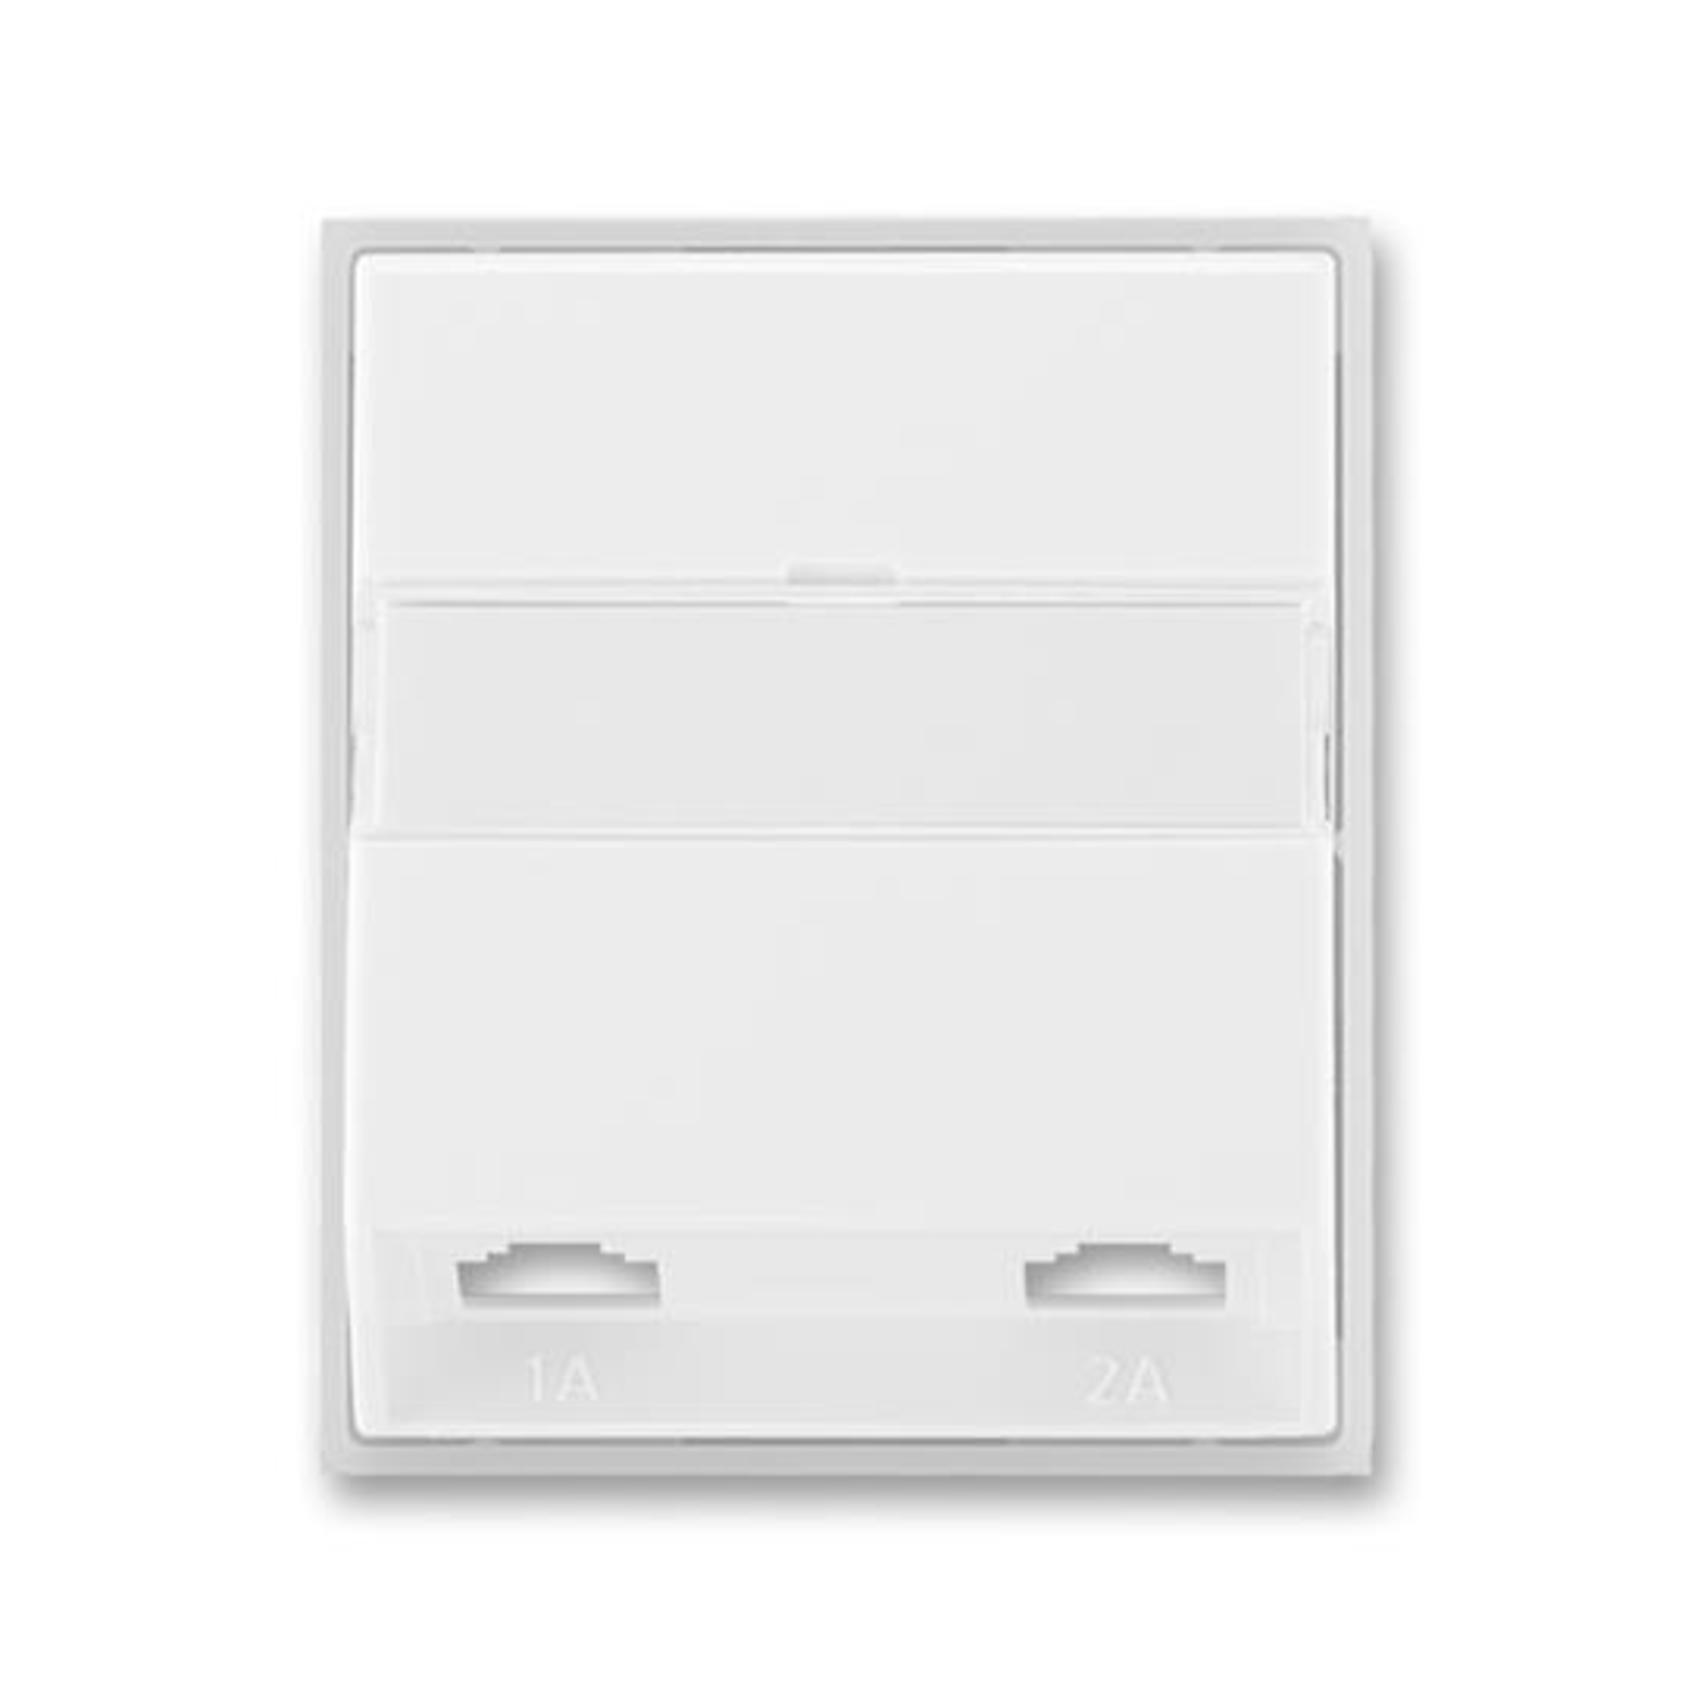 ABB 5013E-A00215 01 Element Kryt zásuvky telefonní, dvojnásobné (pro přístroj 5013U)